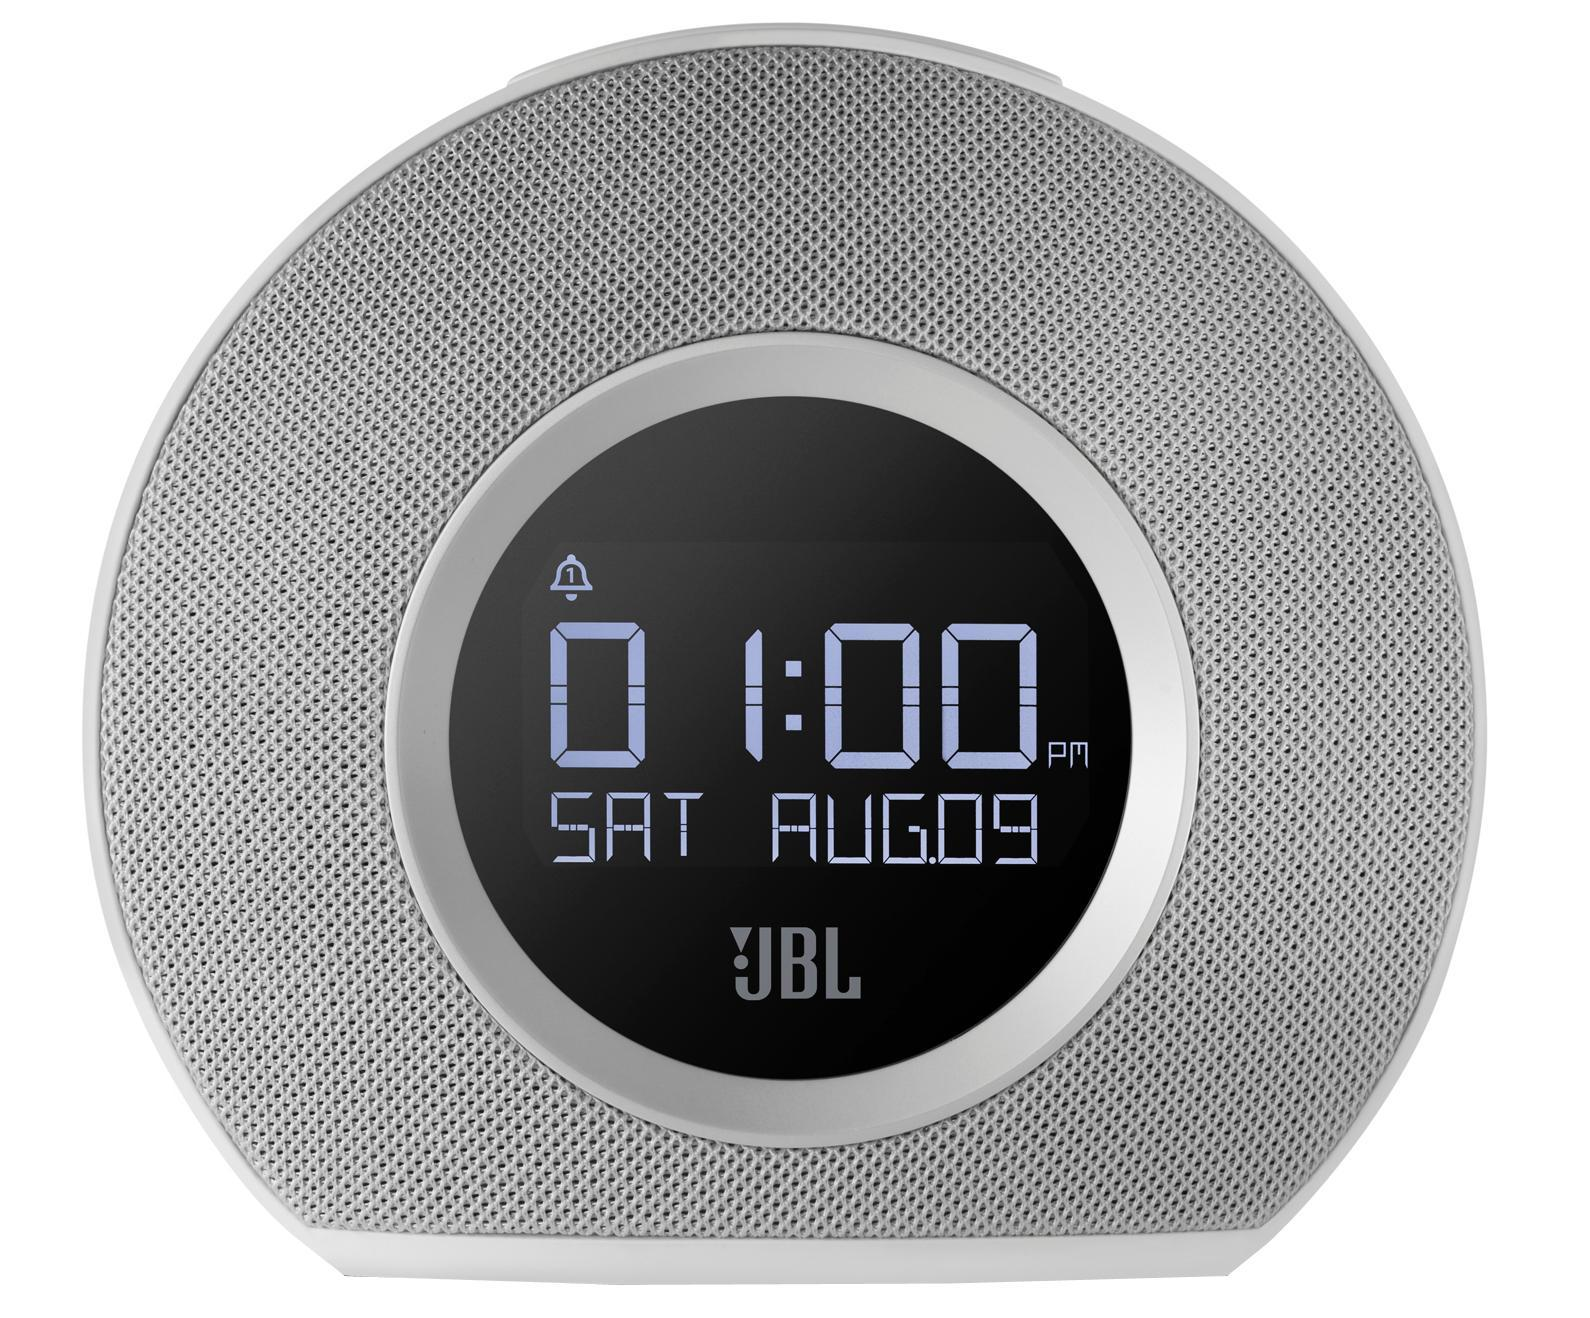 JBL Horizon, White портативная акустическая системаJBLHORIZONWHTEUДва будильникаВ Horizon встроены два независимых будильника. Просыпаться можно благодаря трем предустановленными сигналами, FM приемнику, музыке на вашем телефоне или традиционному сигналу будильника. JBL Horizon предлагает пять программируемых пресетов FM радио, а также может передавать музыку без проводов с любого телефона или планшета с поддержкой Bluetooth. Компактный дизайн позволит разместить устройство в любом помещении, оно прекрасно впишется в любой интерьер. Два USB порта обеспечивают быструю зарядку любых подключенных устройств. Большая кнопка Snooze/Light в сочетании с четким ЖК-дисплеем делает использование JBL Horizon очень простым и понятным, а встроенная система резервного питания гарантирует, что вы всегда будете просыпаться, даже во время отключения электроэнергии.